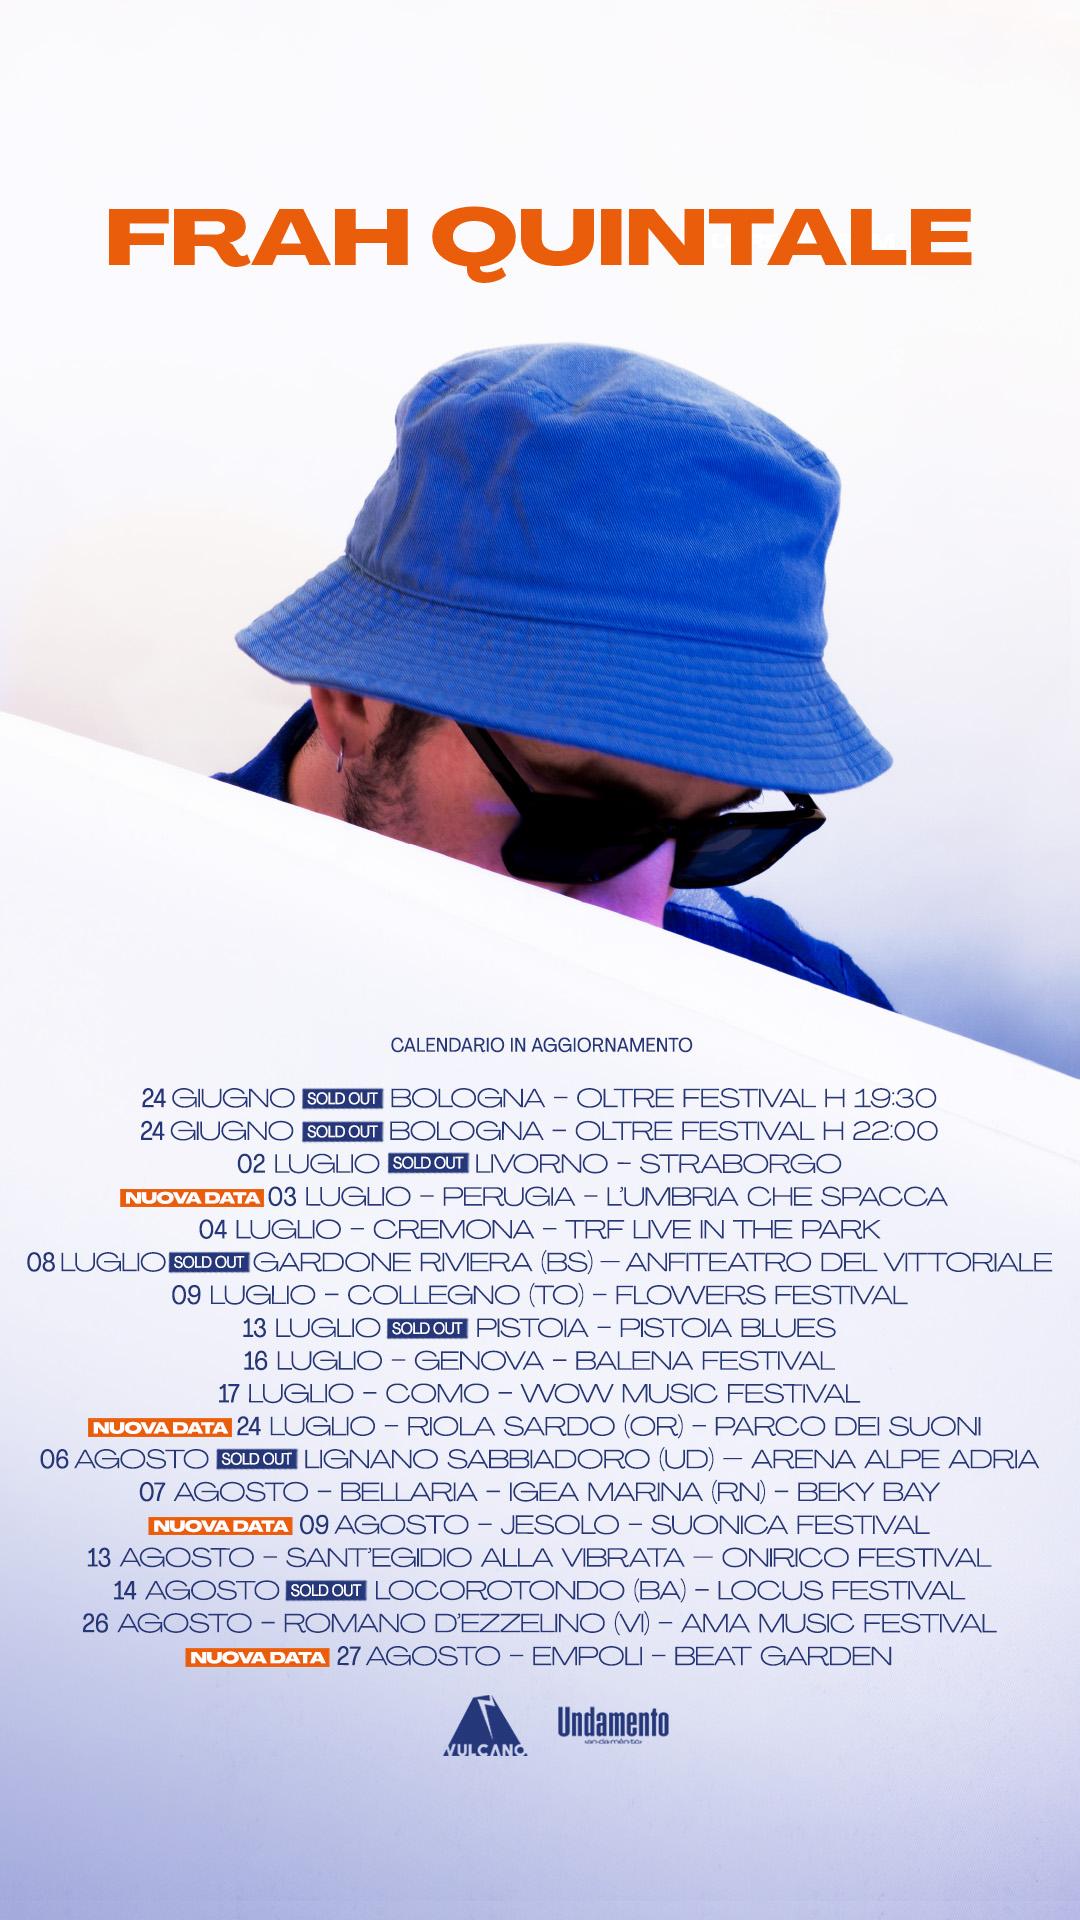 Frah Quintale - Banzai Tour (ESTATE 21) Image